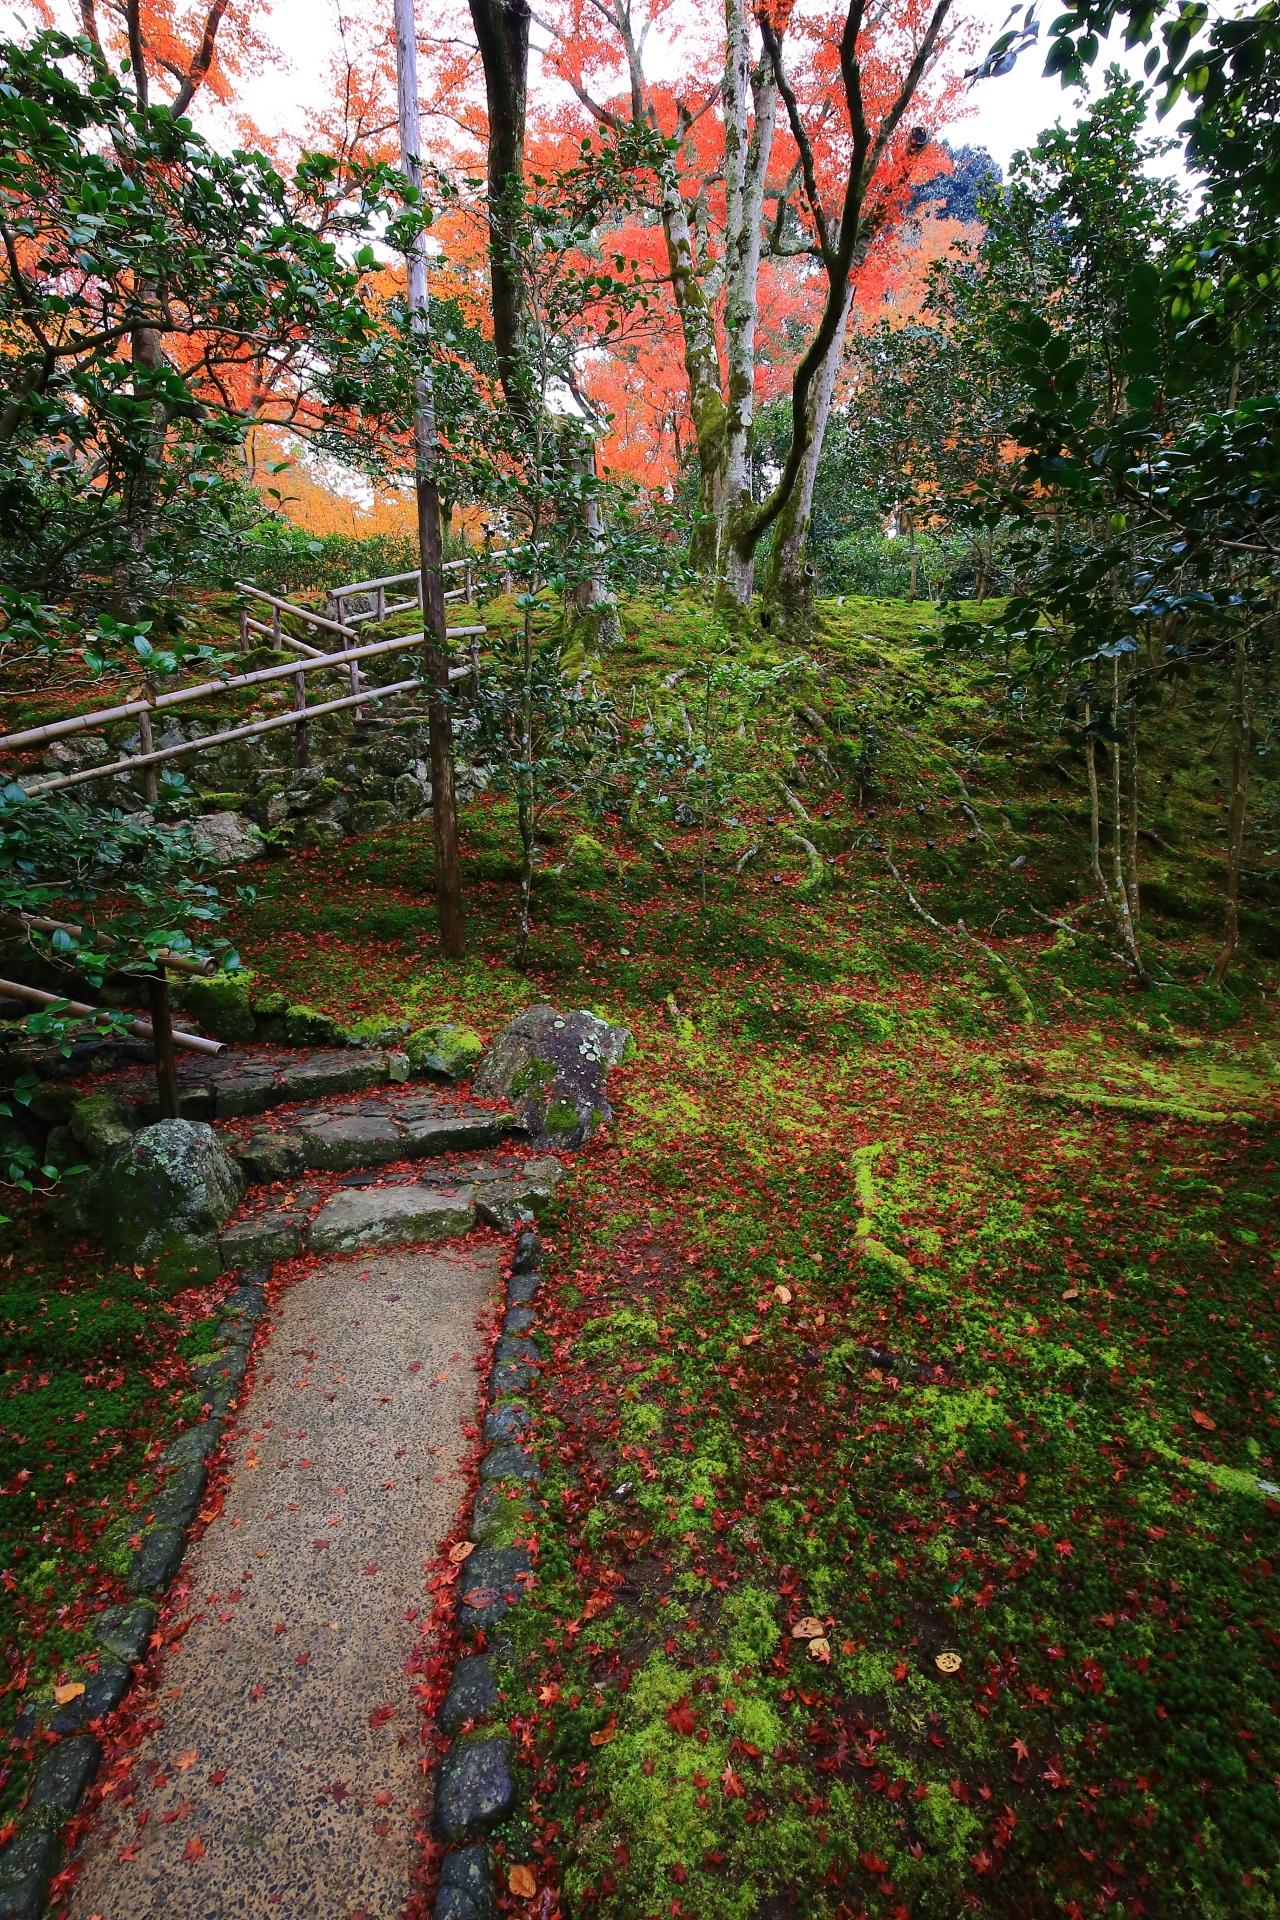 霊鑑寺の素晴らしい散り紅葉と風情ある秋色